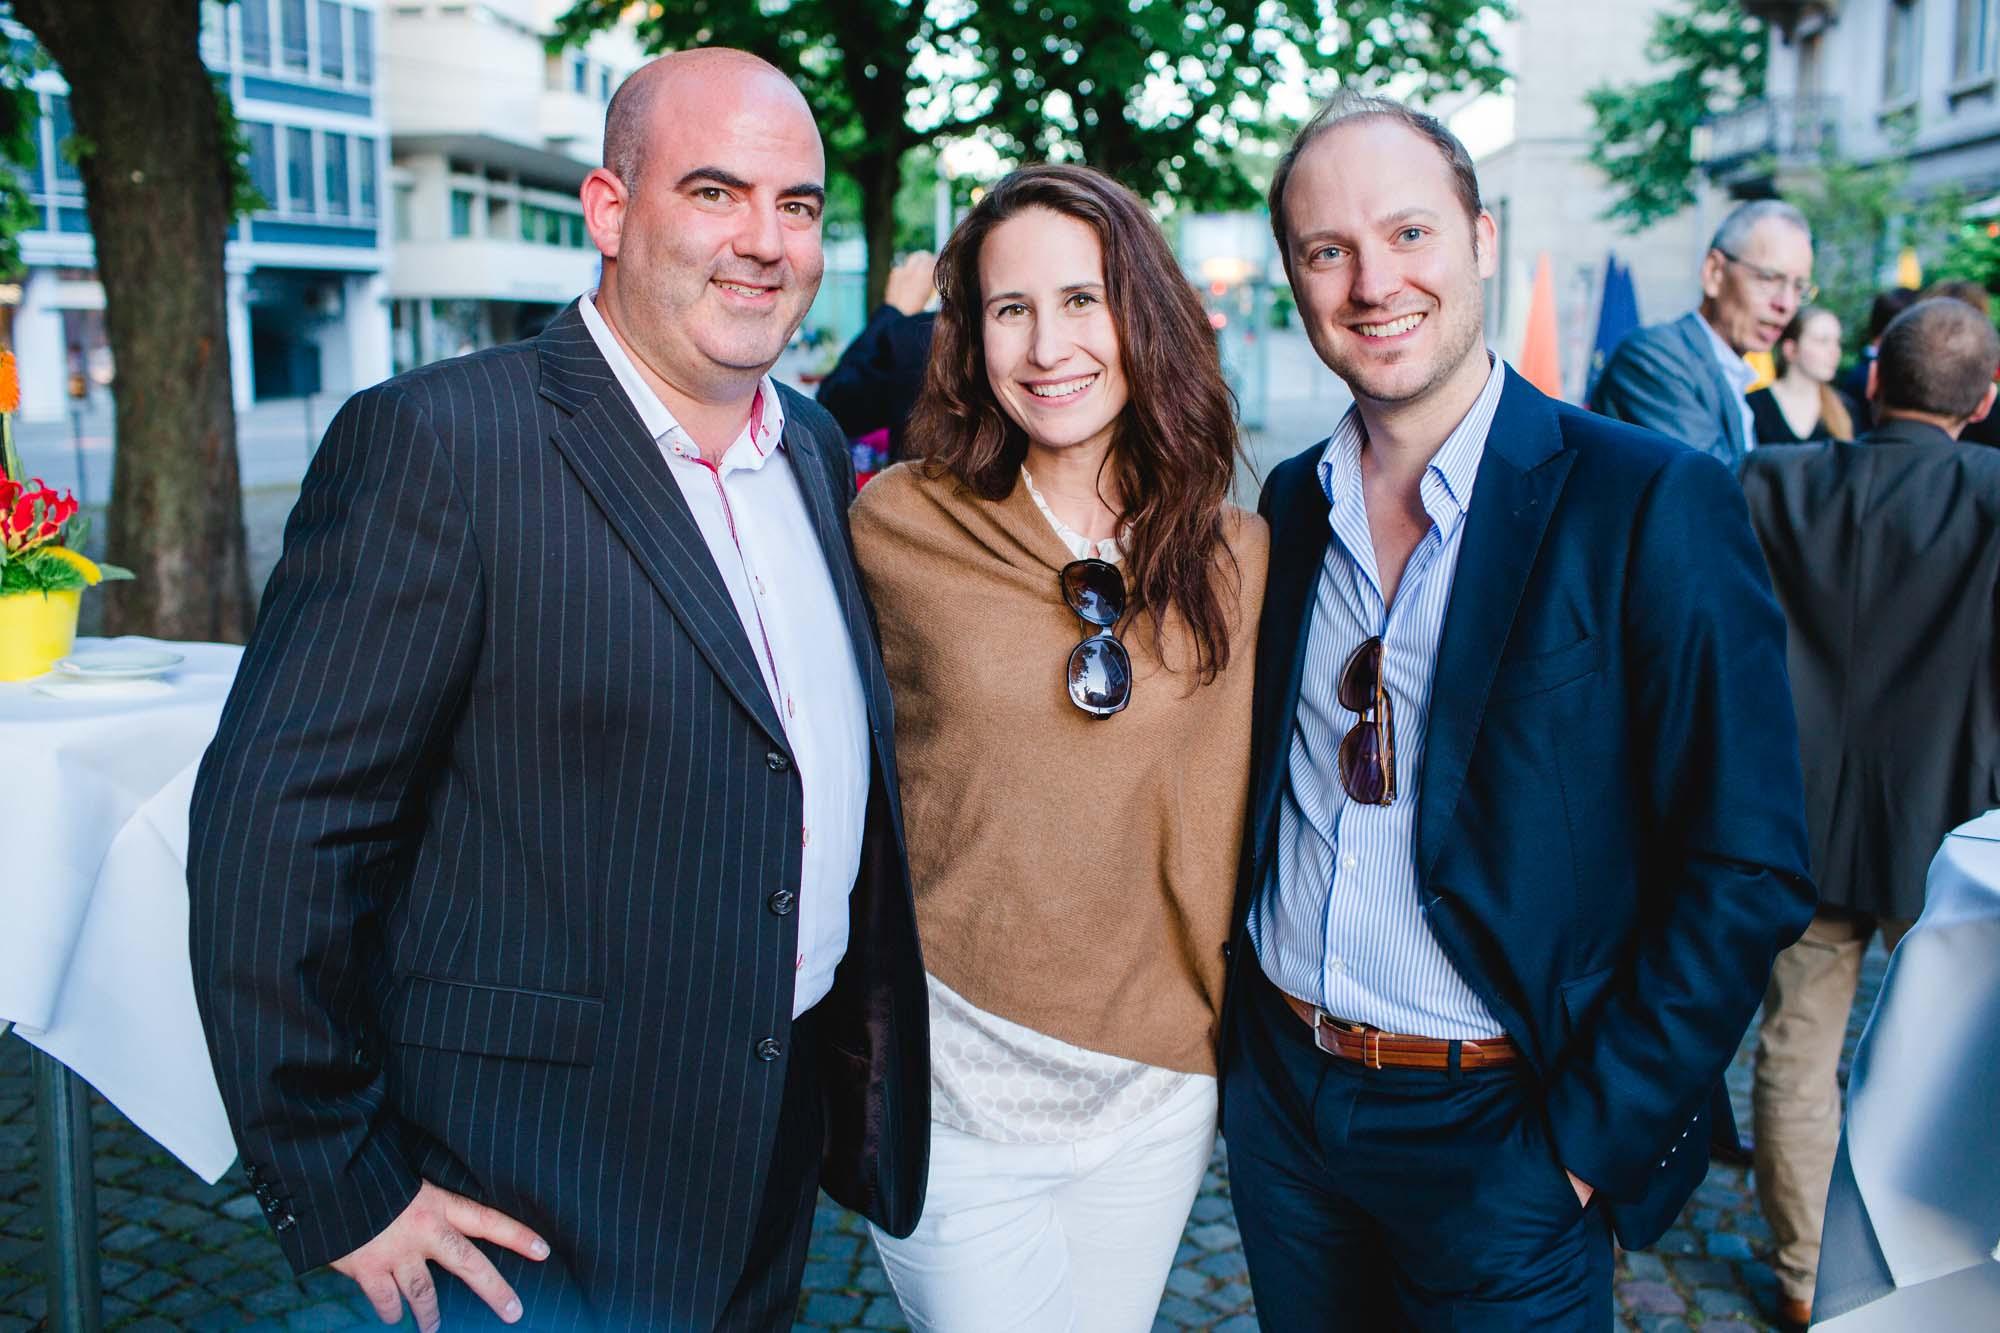 Diego Oppenheim, Ornella Janai and Daniel Jost